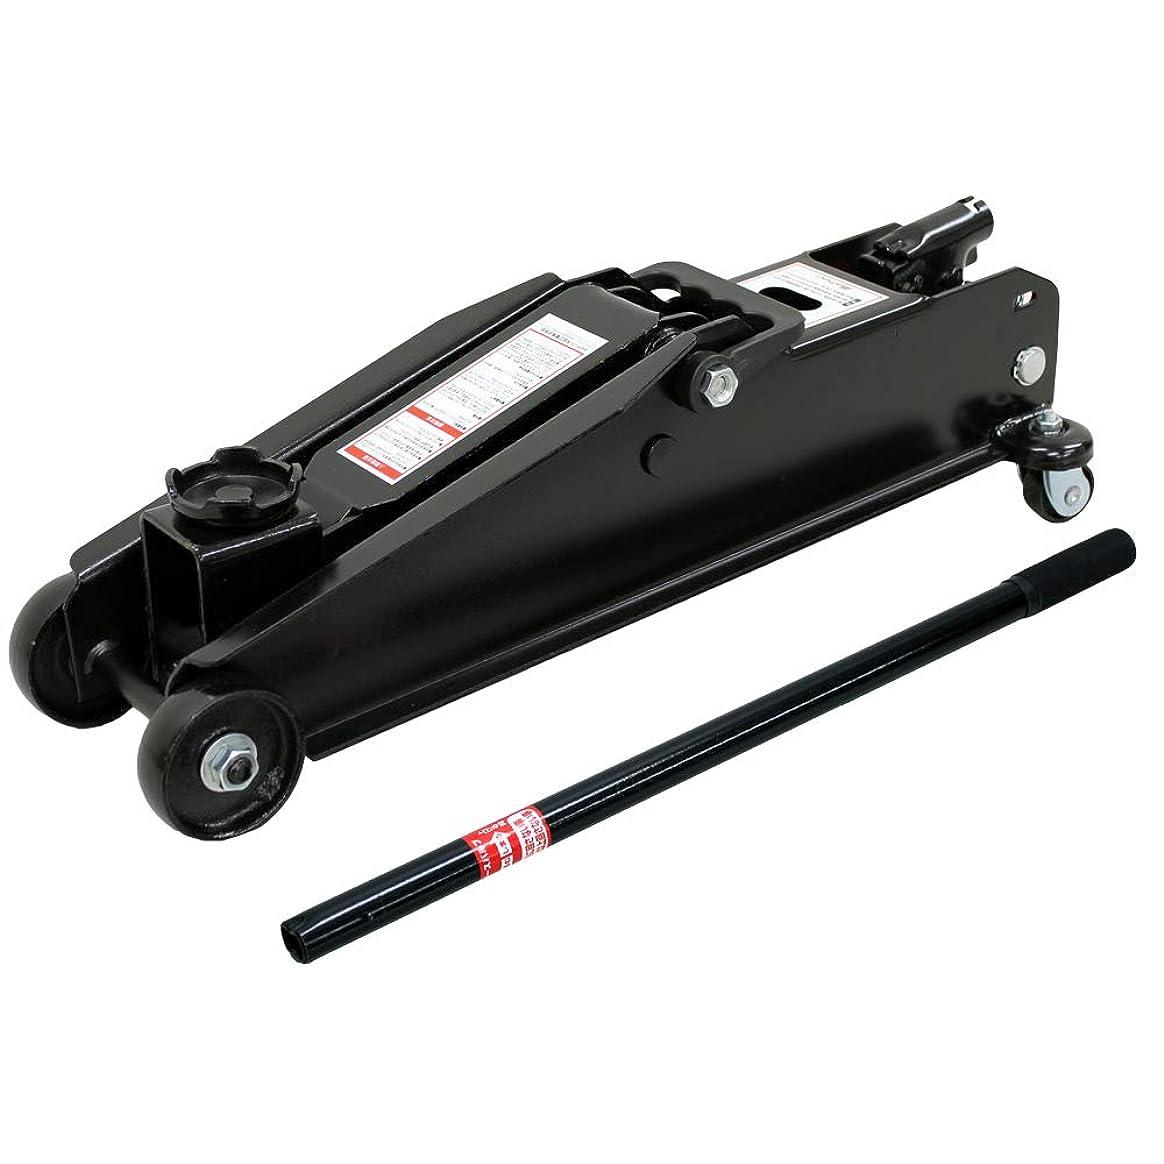 連鎖施し修理工メルテック フロアージャッキ(3t) 軽自動車~ミニバン?SUV 油圧式 最高値:435mm/最低値:140mm/ストローク:295mm Meltec FA-10